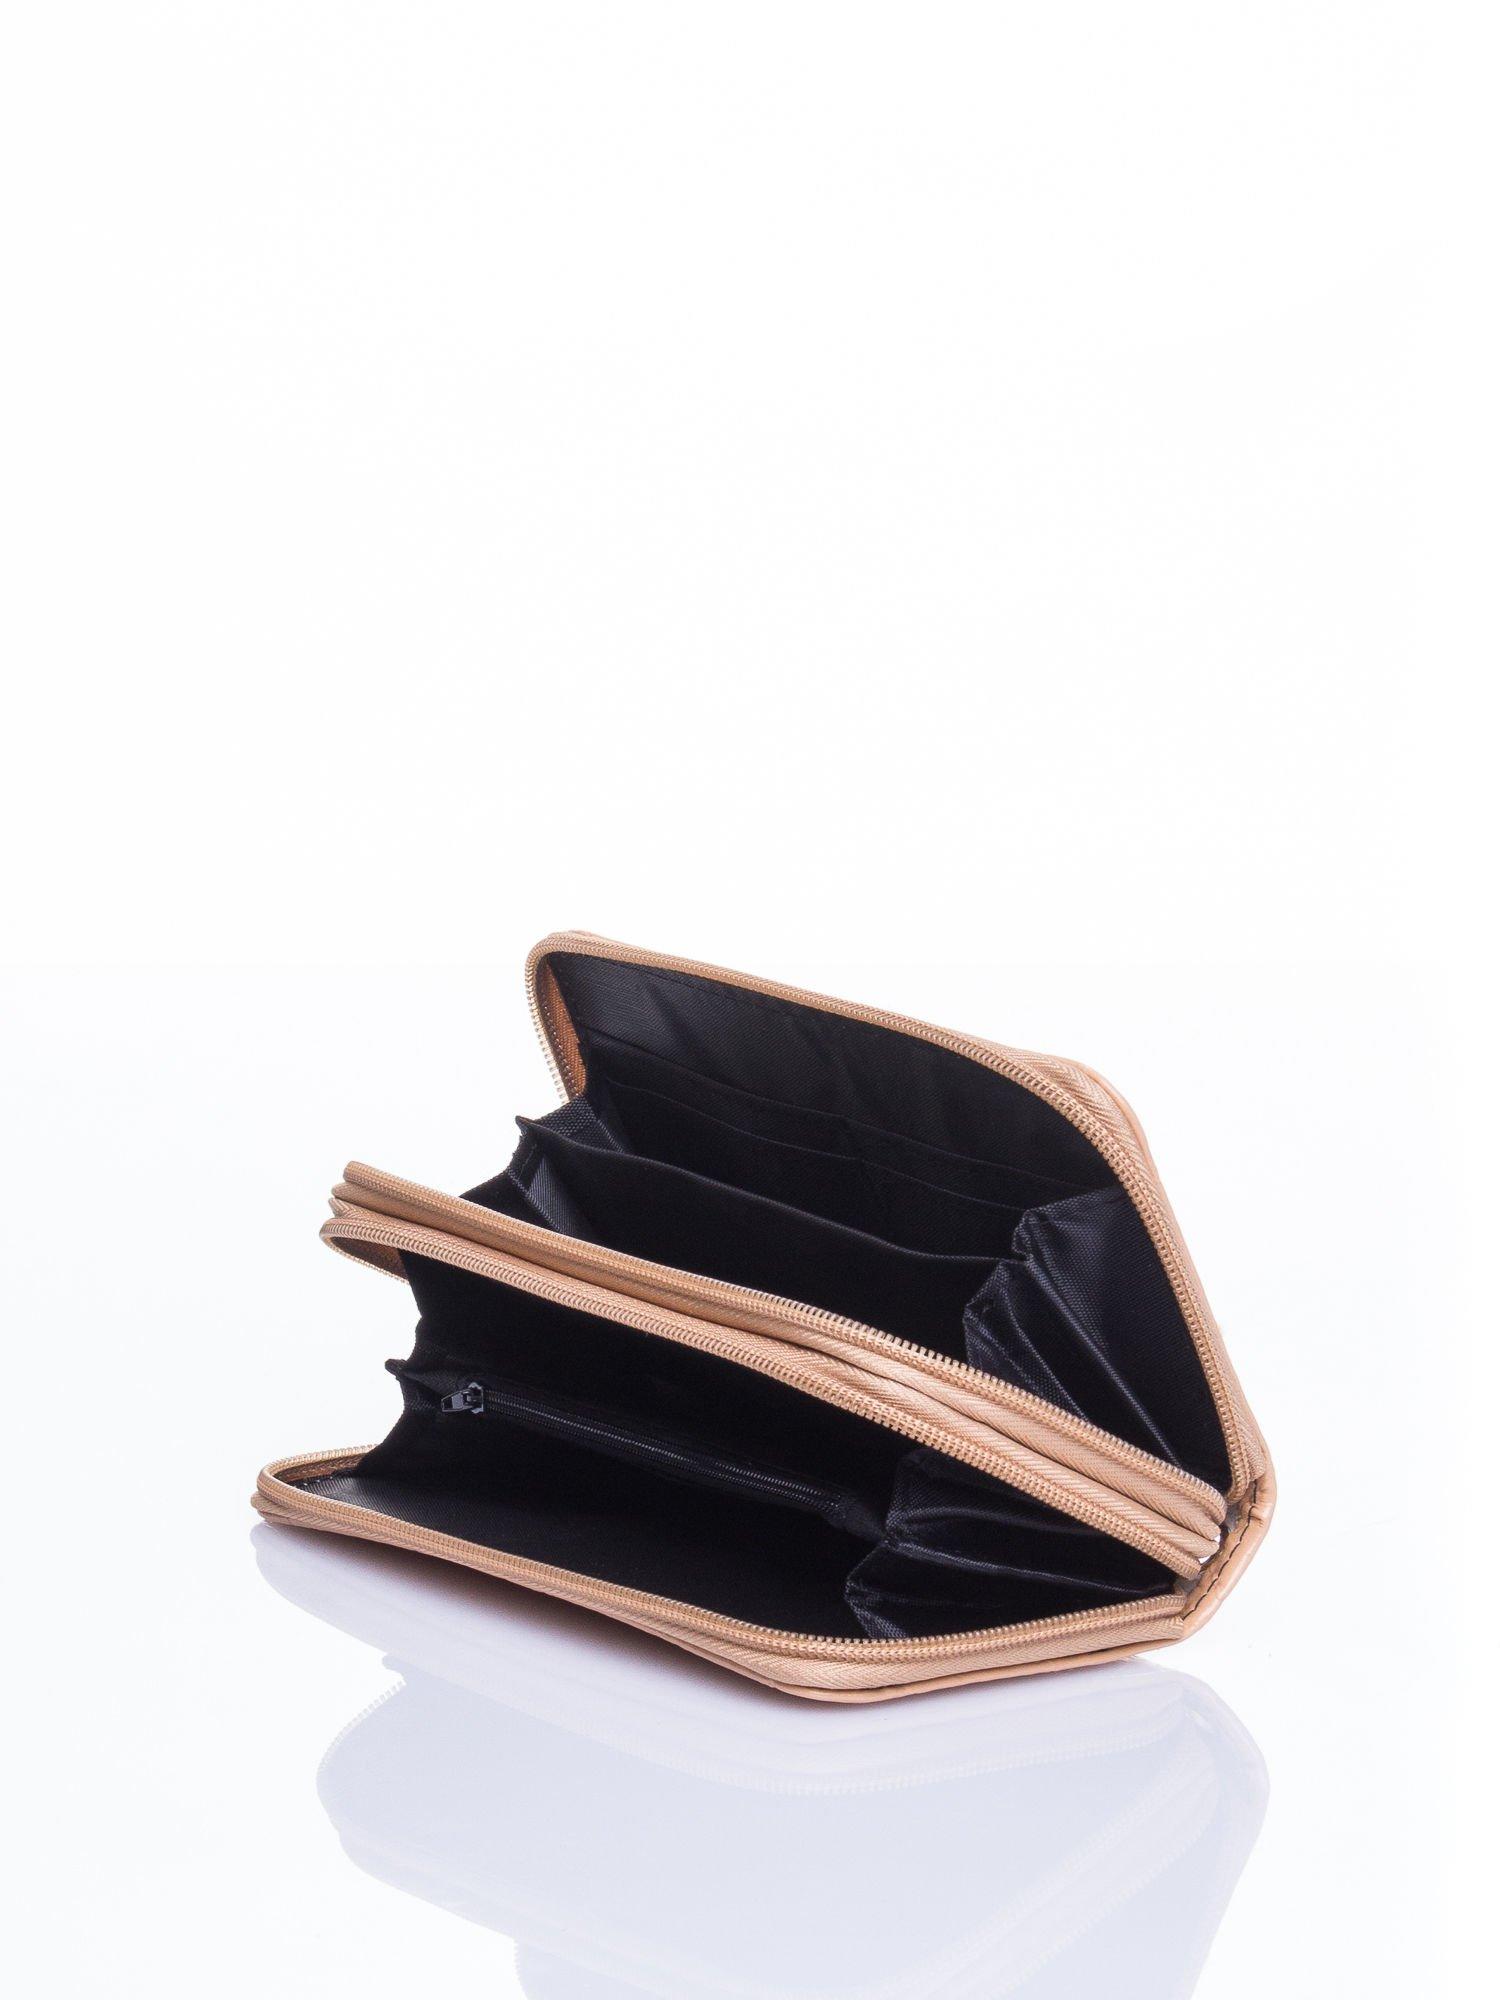 Kremowy lakierowany pikowany portfel                                  zdj.                                  4